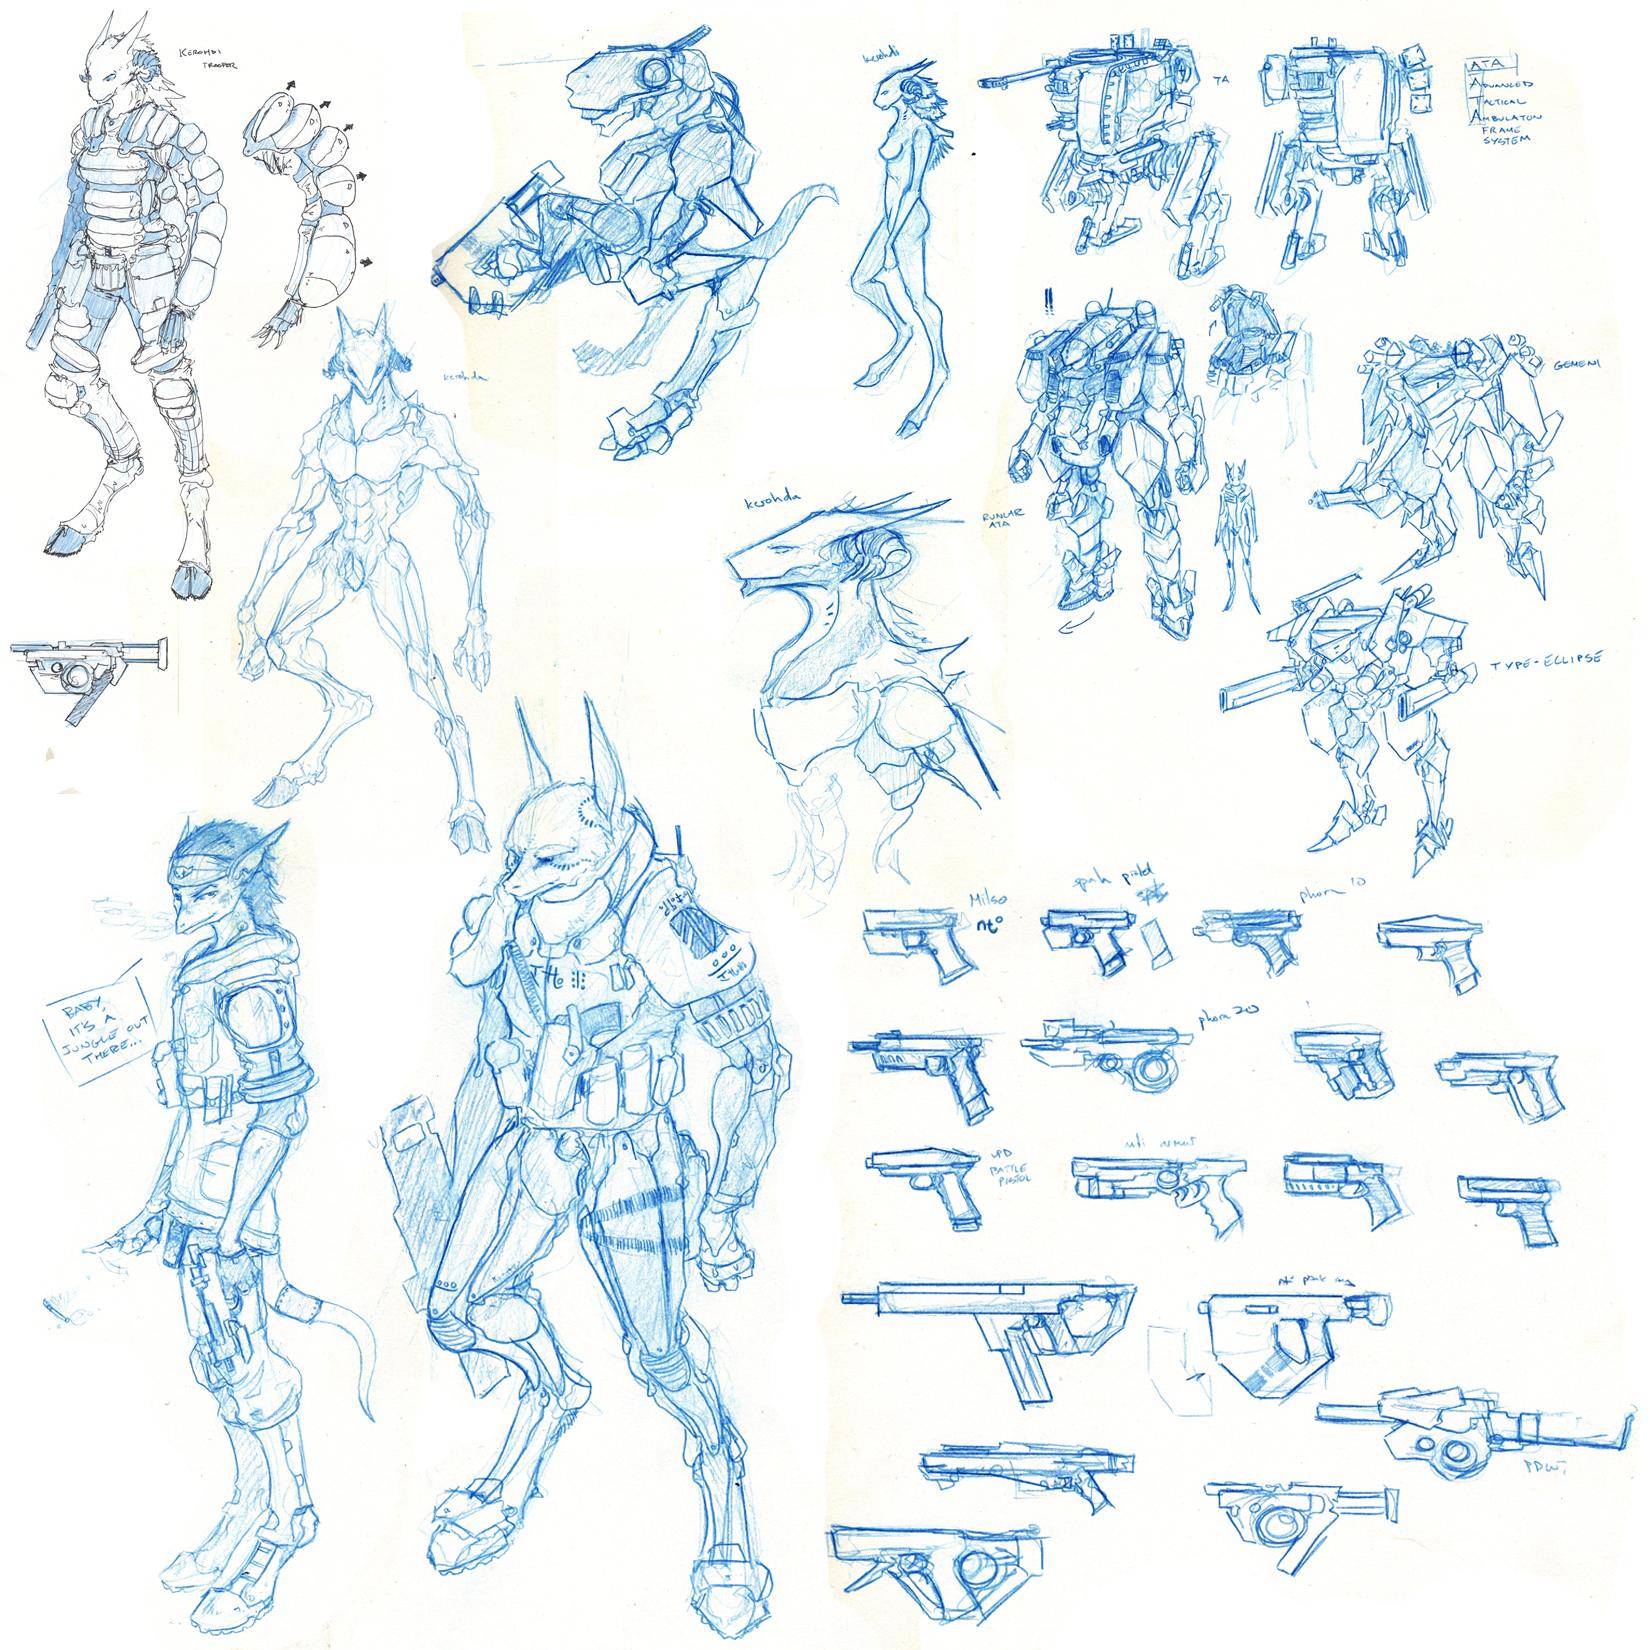 Ass Phorn giant sketch dump iiizaeta-k on deviantart